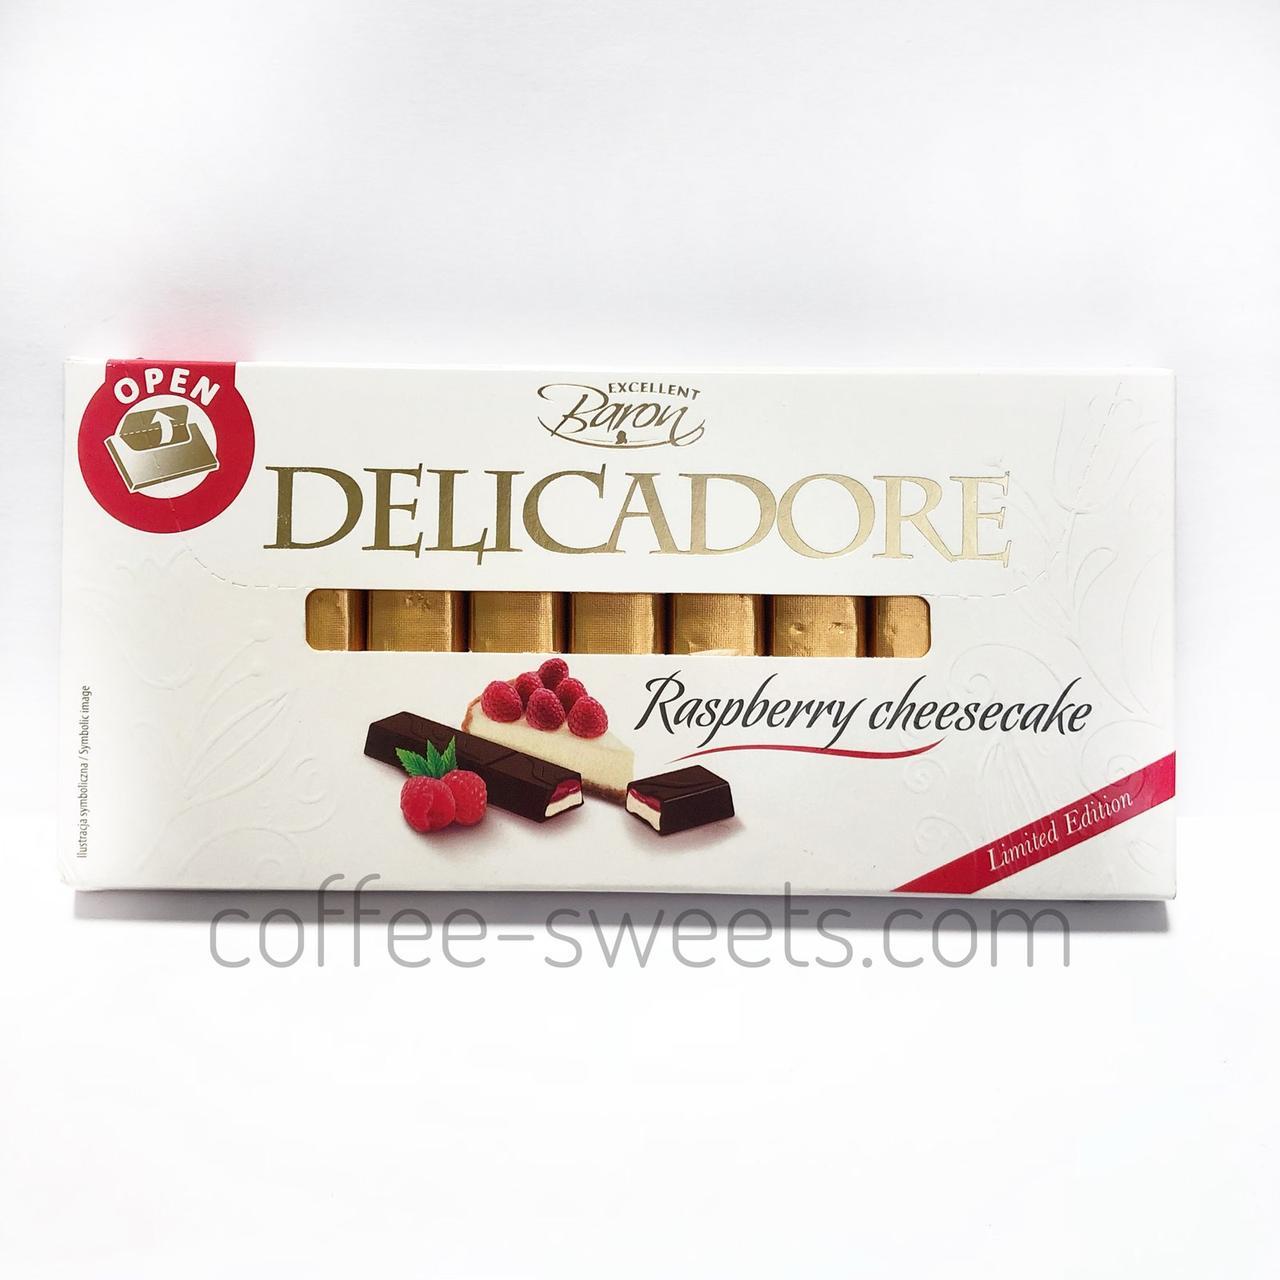 Шоколад Delicadore молочный Excellent Baron, Raspberry cheesecake (малина), 200 г.